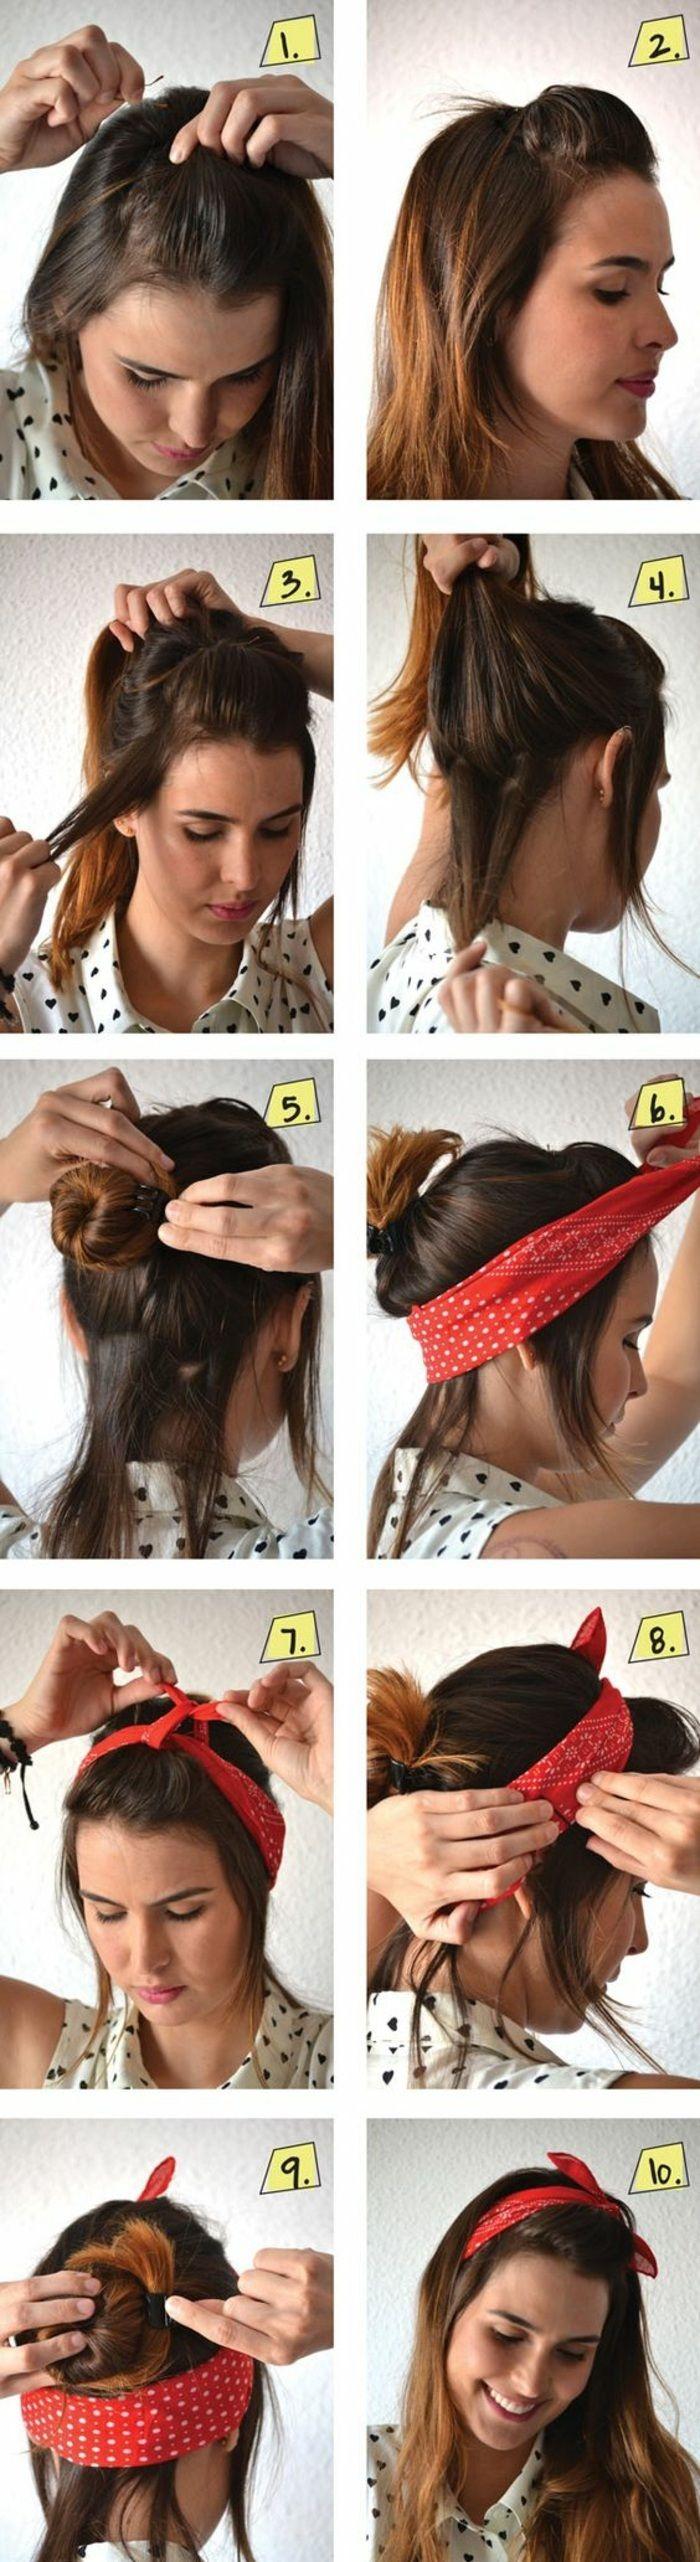 Bandana Binden Rotes Haarband Gepunktetes Hemd Braune Haare Diy Frisur Haarband Frisur Frisuren Mit Bandana Frisuren